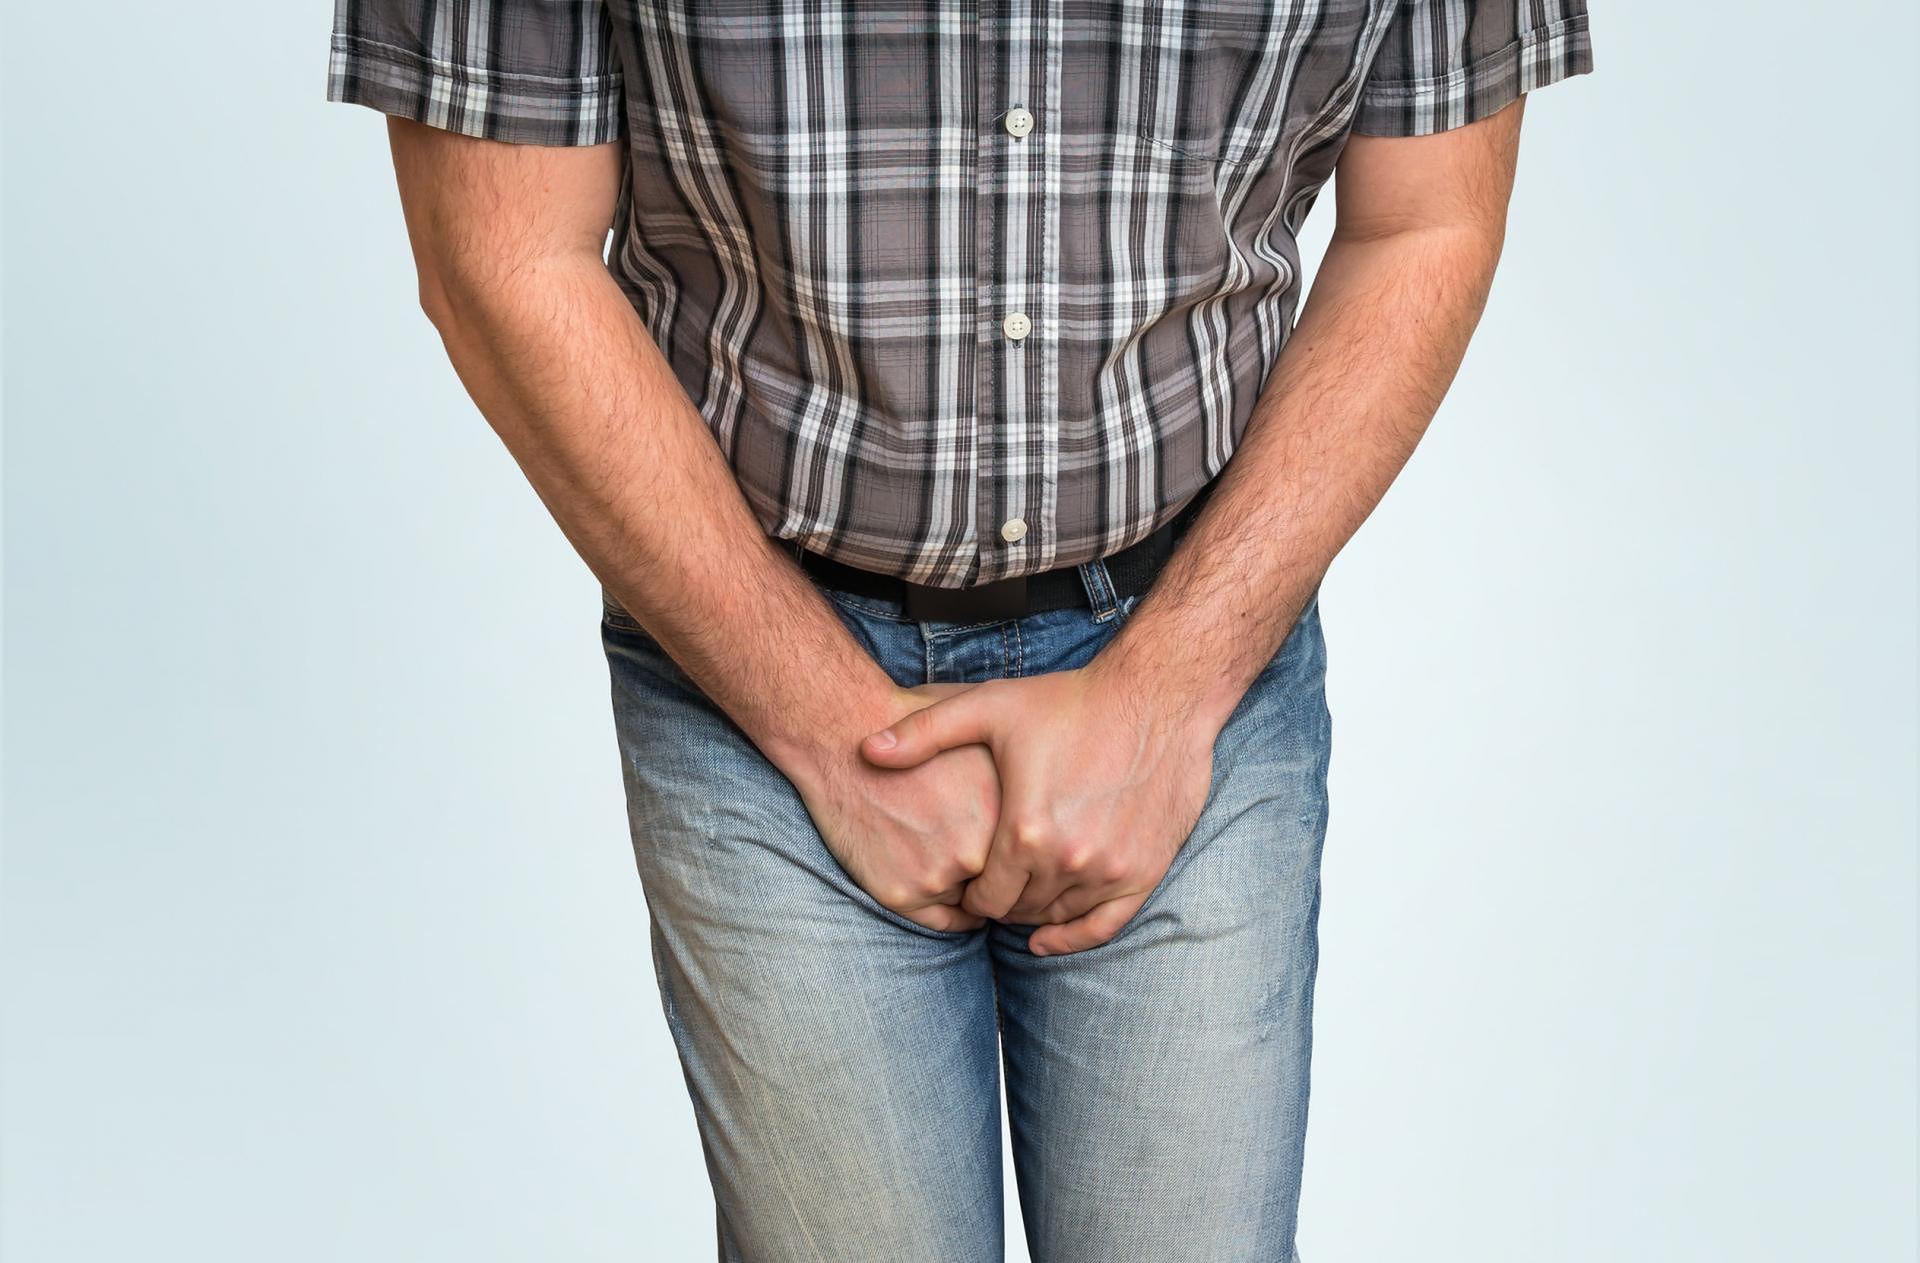 Brak erekcji a stres: jak sobie radzić w takiej sytuacji?